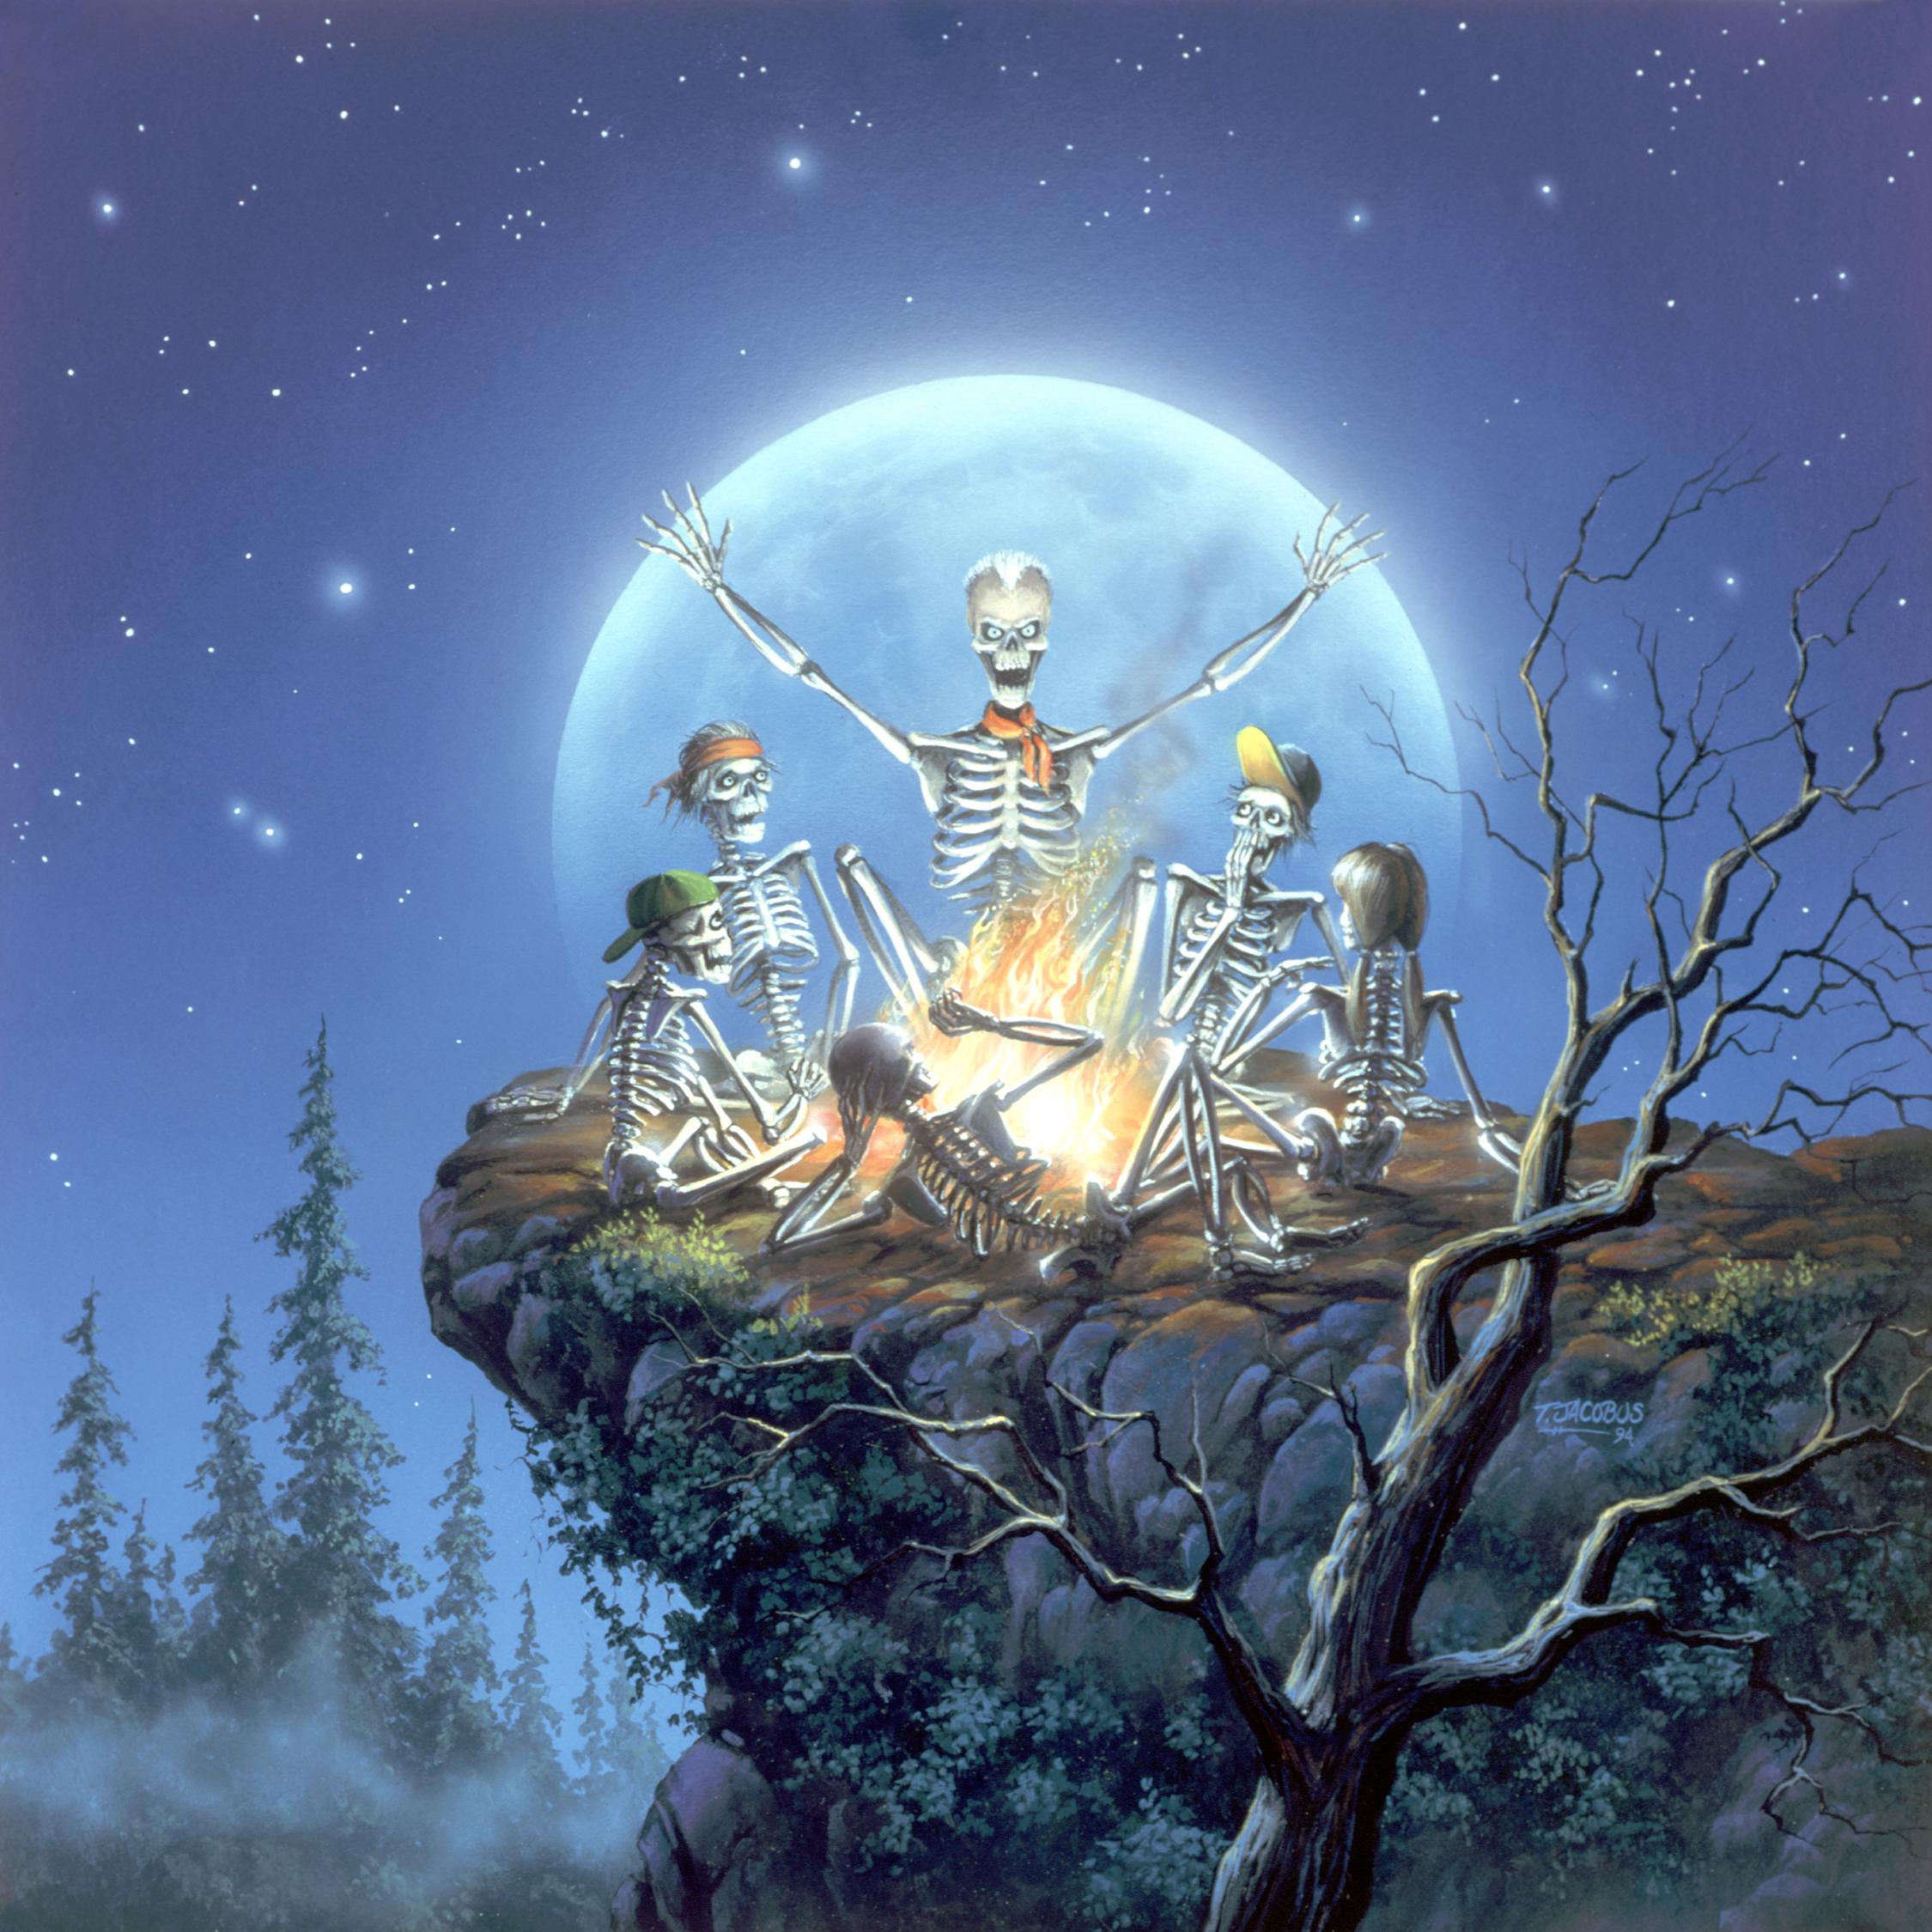 Spirit of the Harvest Moon (Goosebumps)